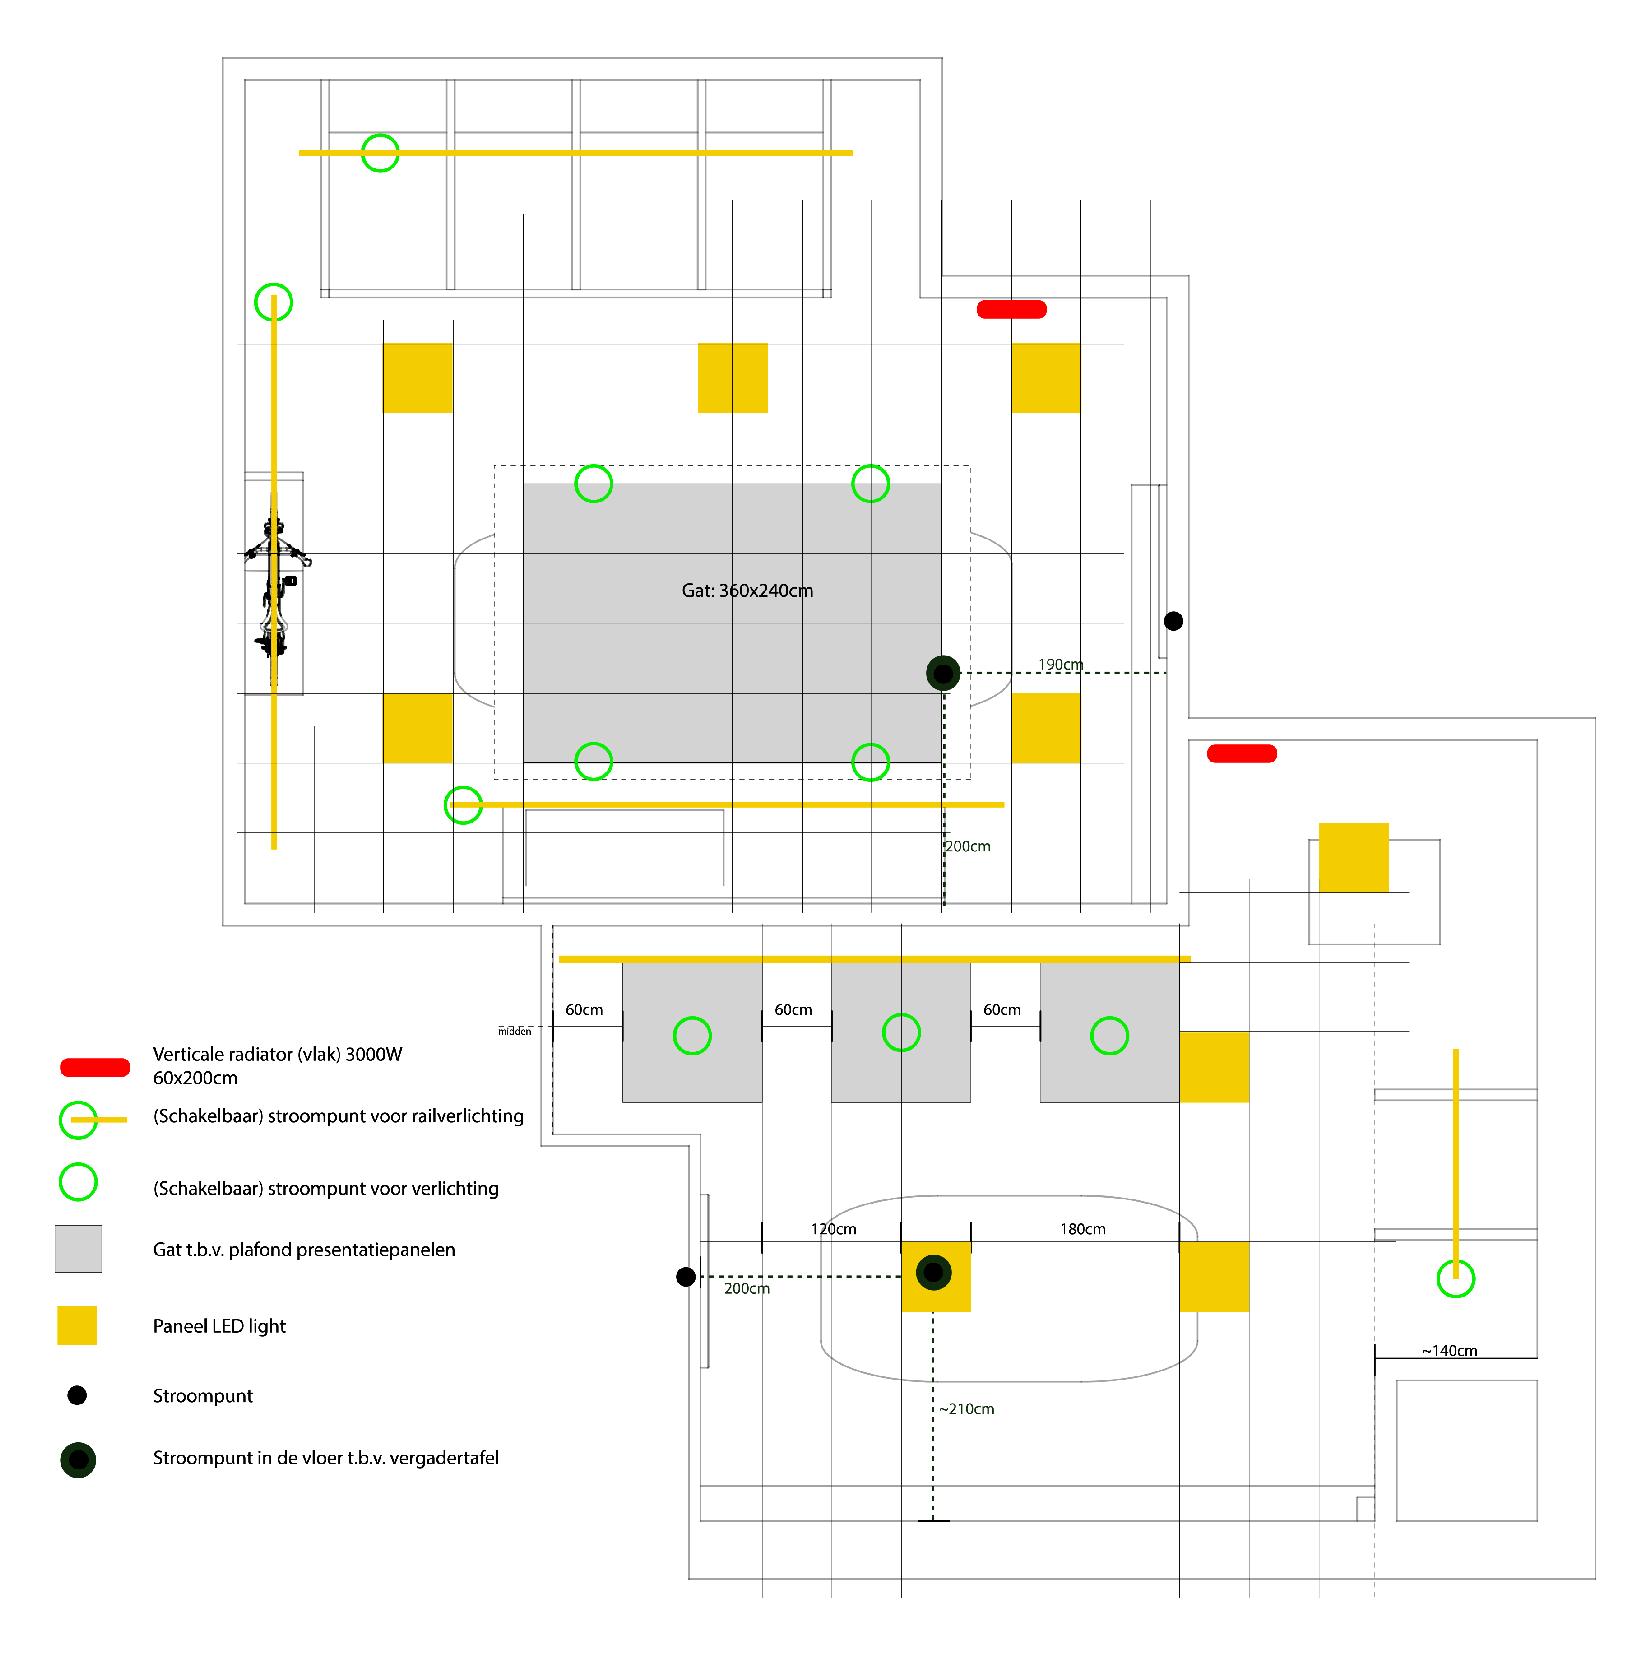 Showroom-(Verwarming-Verlichting-Stroompunten)lr